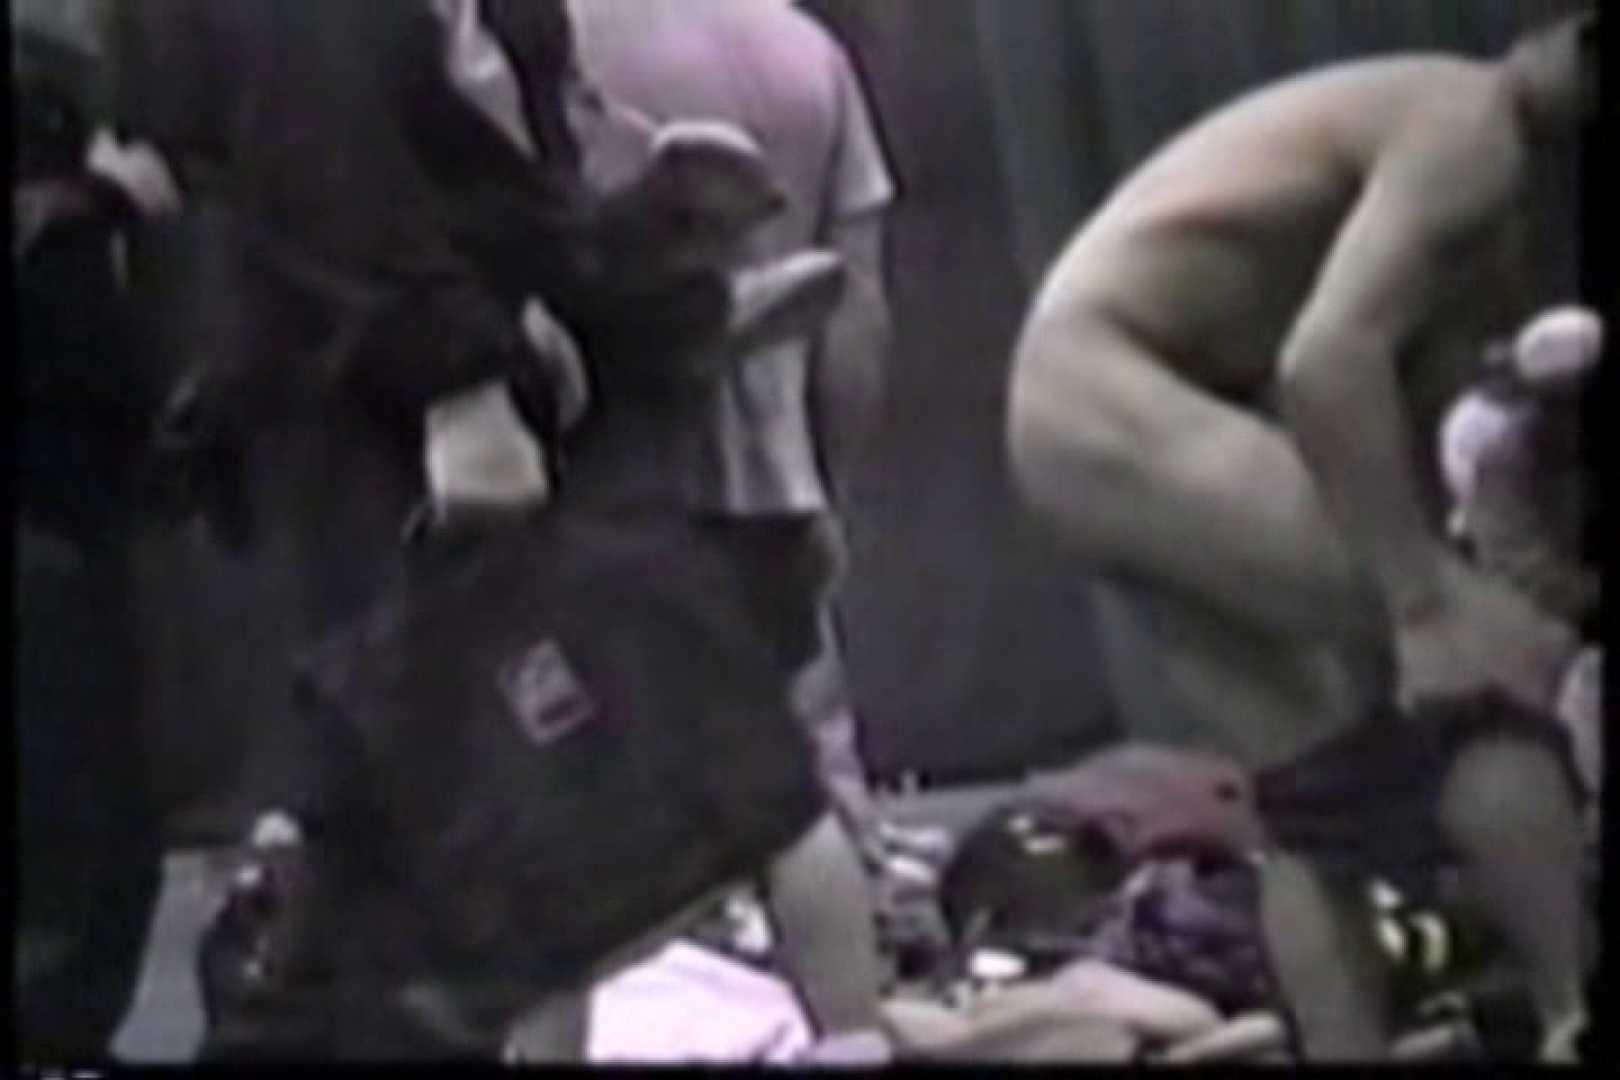 無修正セックス盗撮:洋人さんの脱衣所を覗いてみました。VOL.6:男